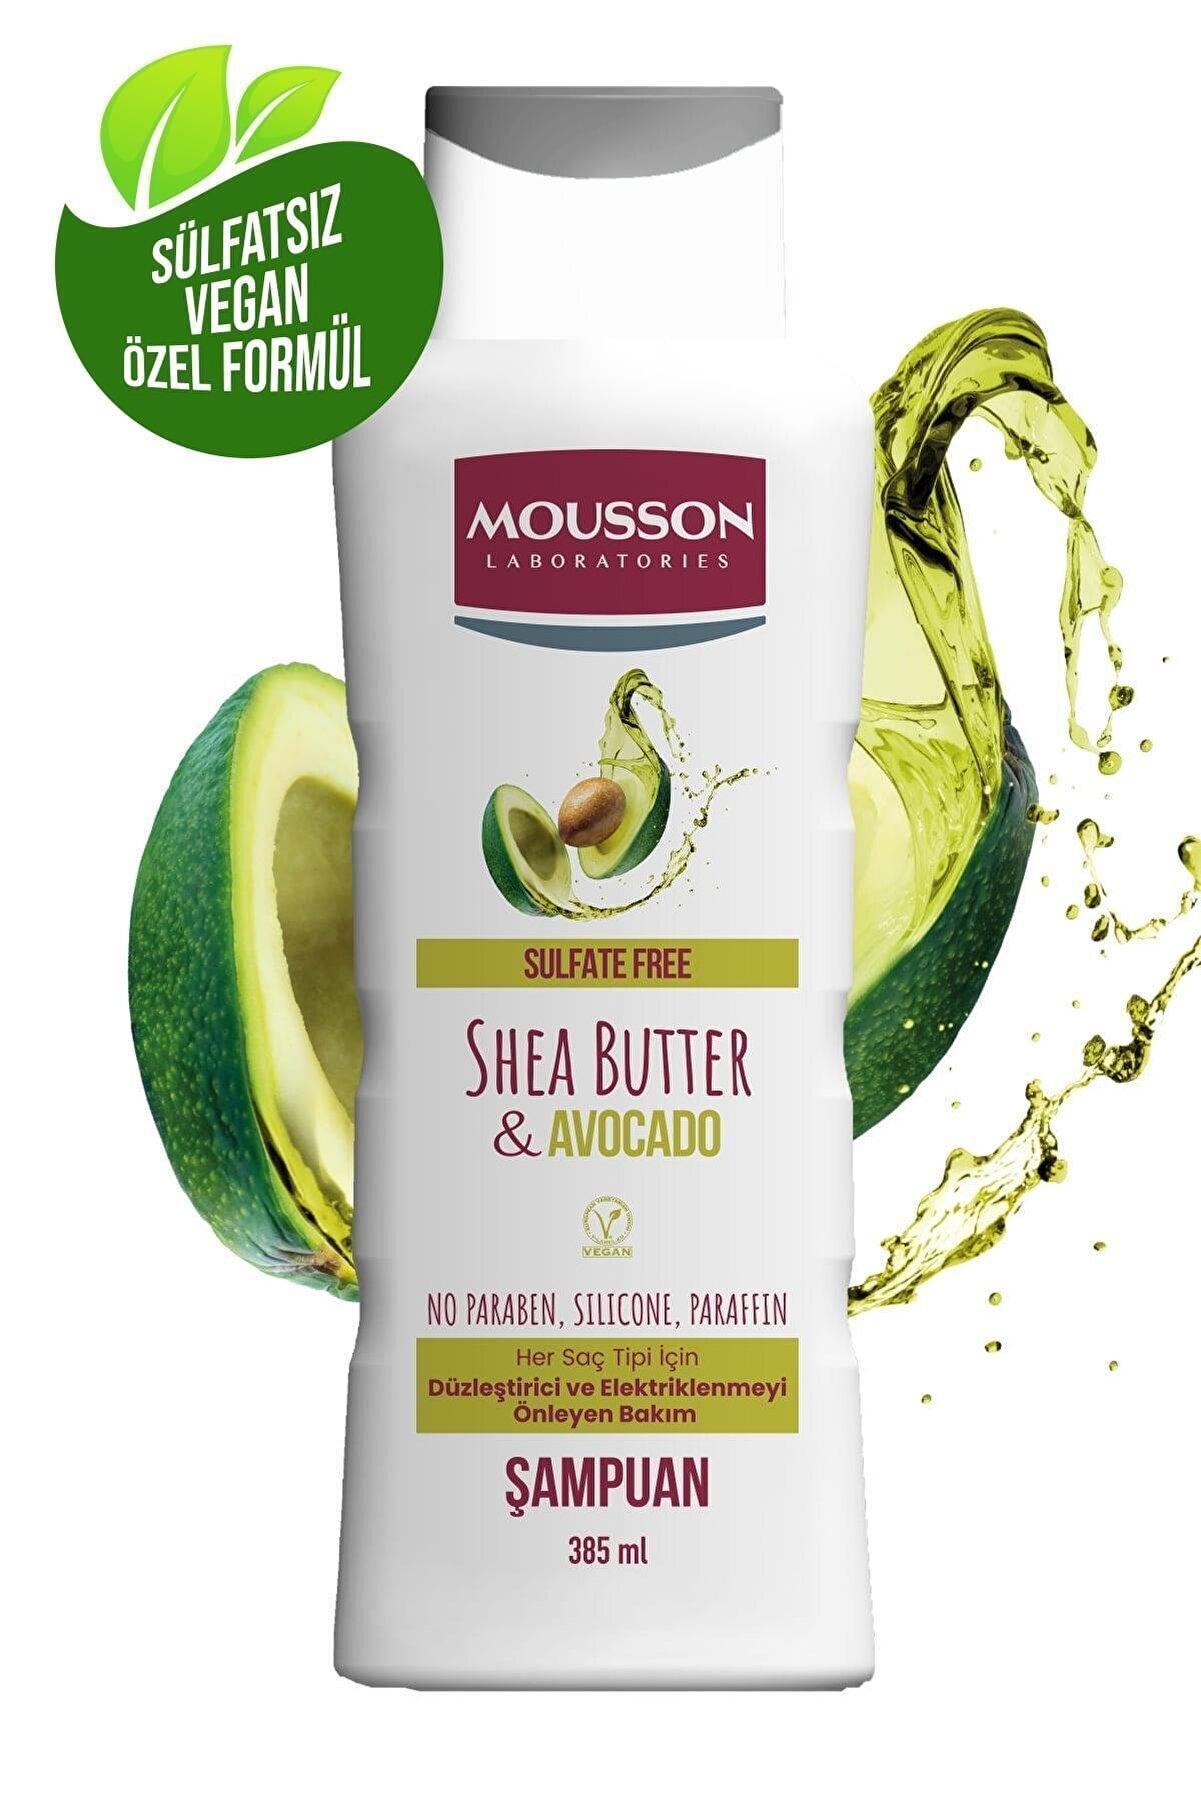 Mousson Shea Yağı & Avokado İçeren Duzleştirici ve Elektriklenmeyi Önleyen Sülfatsız Şampuan 385 ml